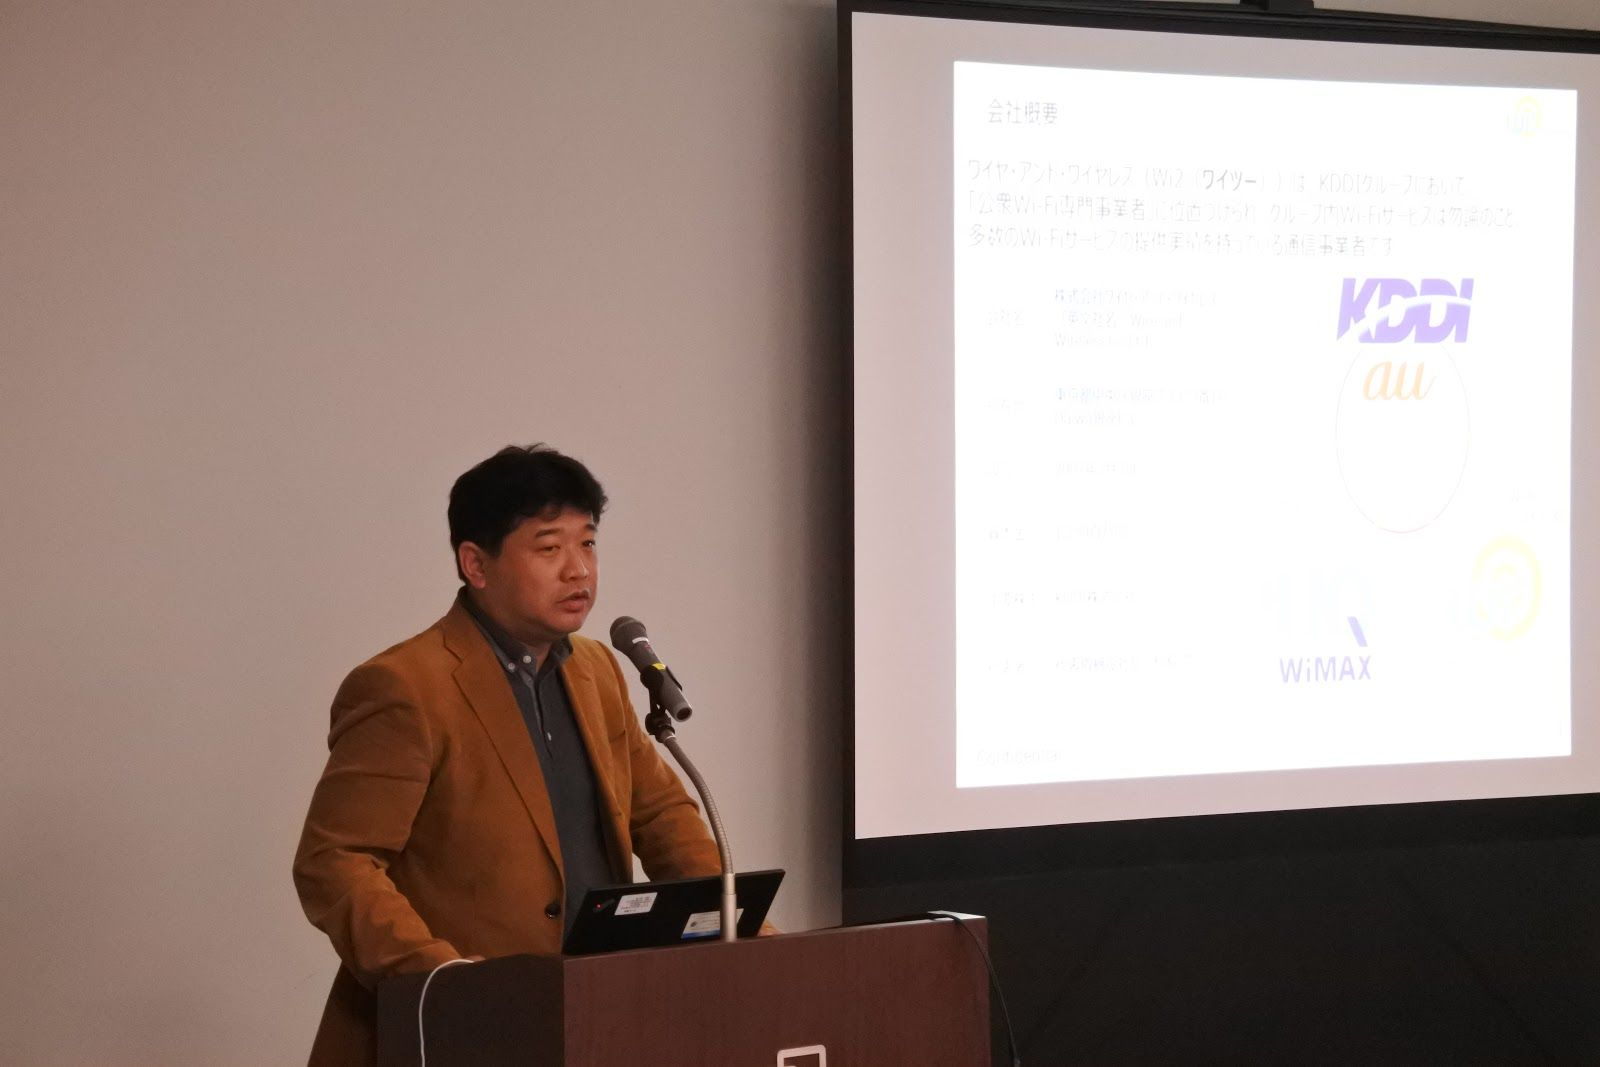 株式会社ワイヤ・アンド・ワイヤレス 技術運用本部 変更構成管理チーム 太田 秀樹様